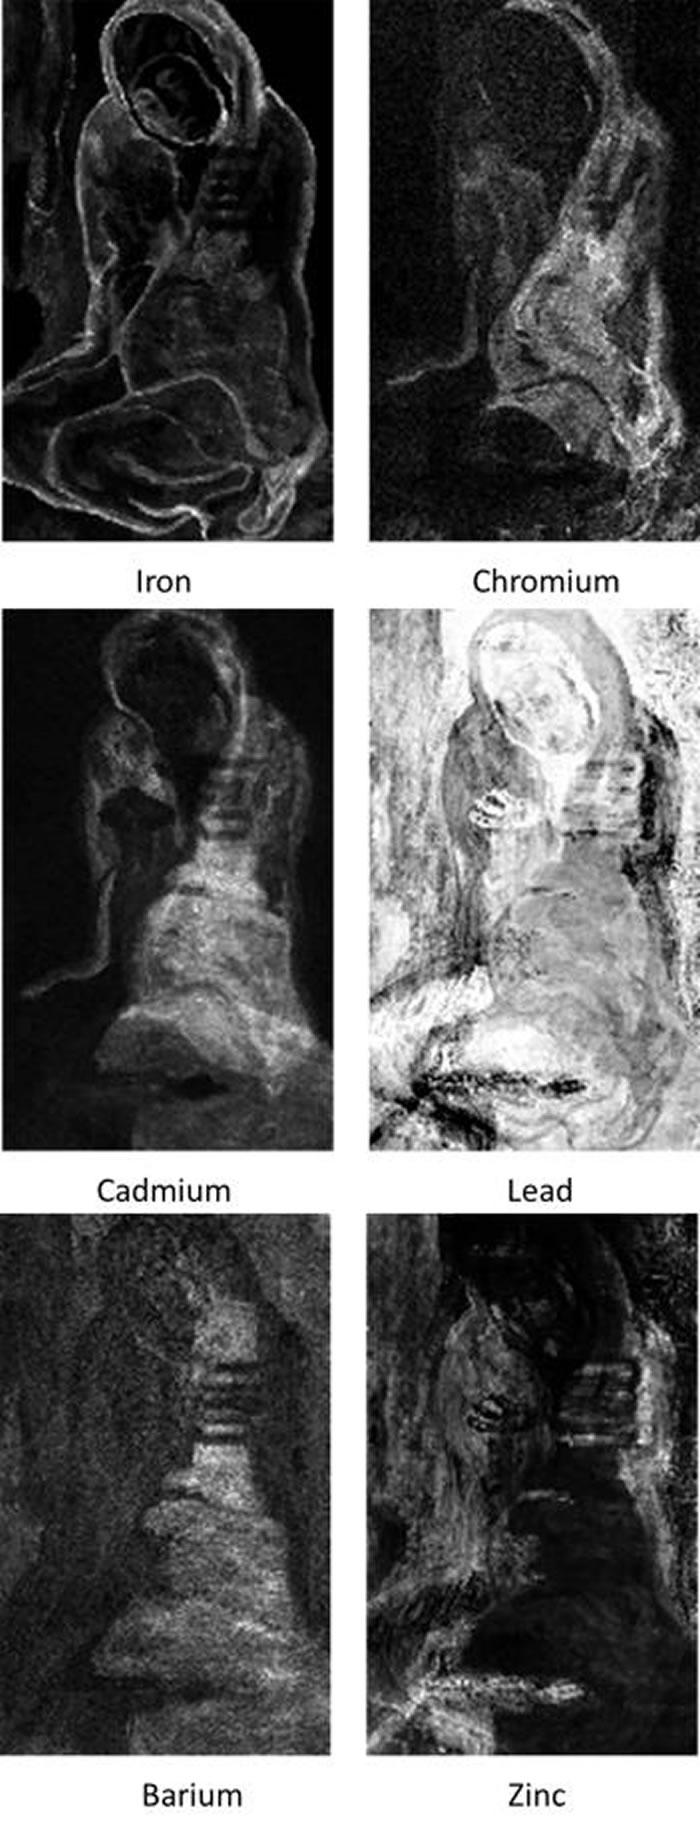 〈蹲坐的行乞者〉各颜料层的化学影像显示出妇人手部姿势涂改了许多次。 PHOTOGRAPH COURTESY NORTHWESTERN UNIVERSITY, A